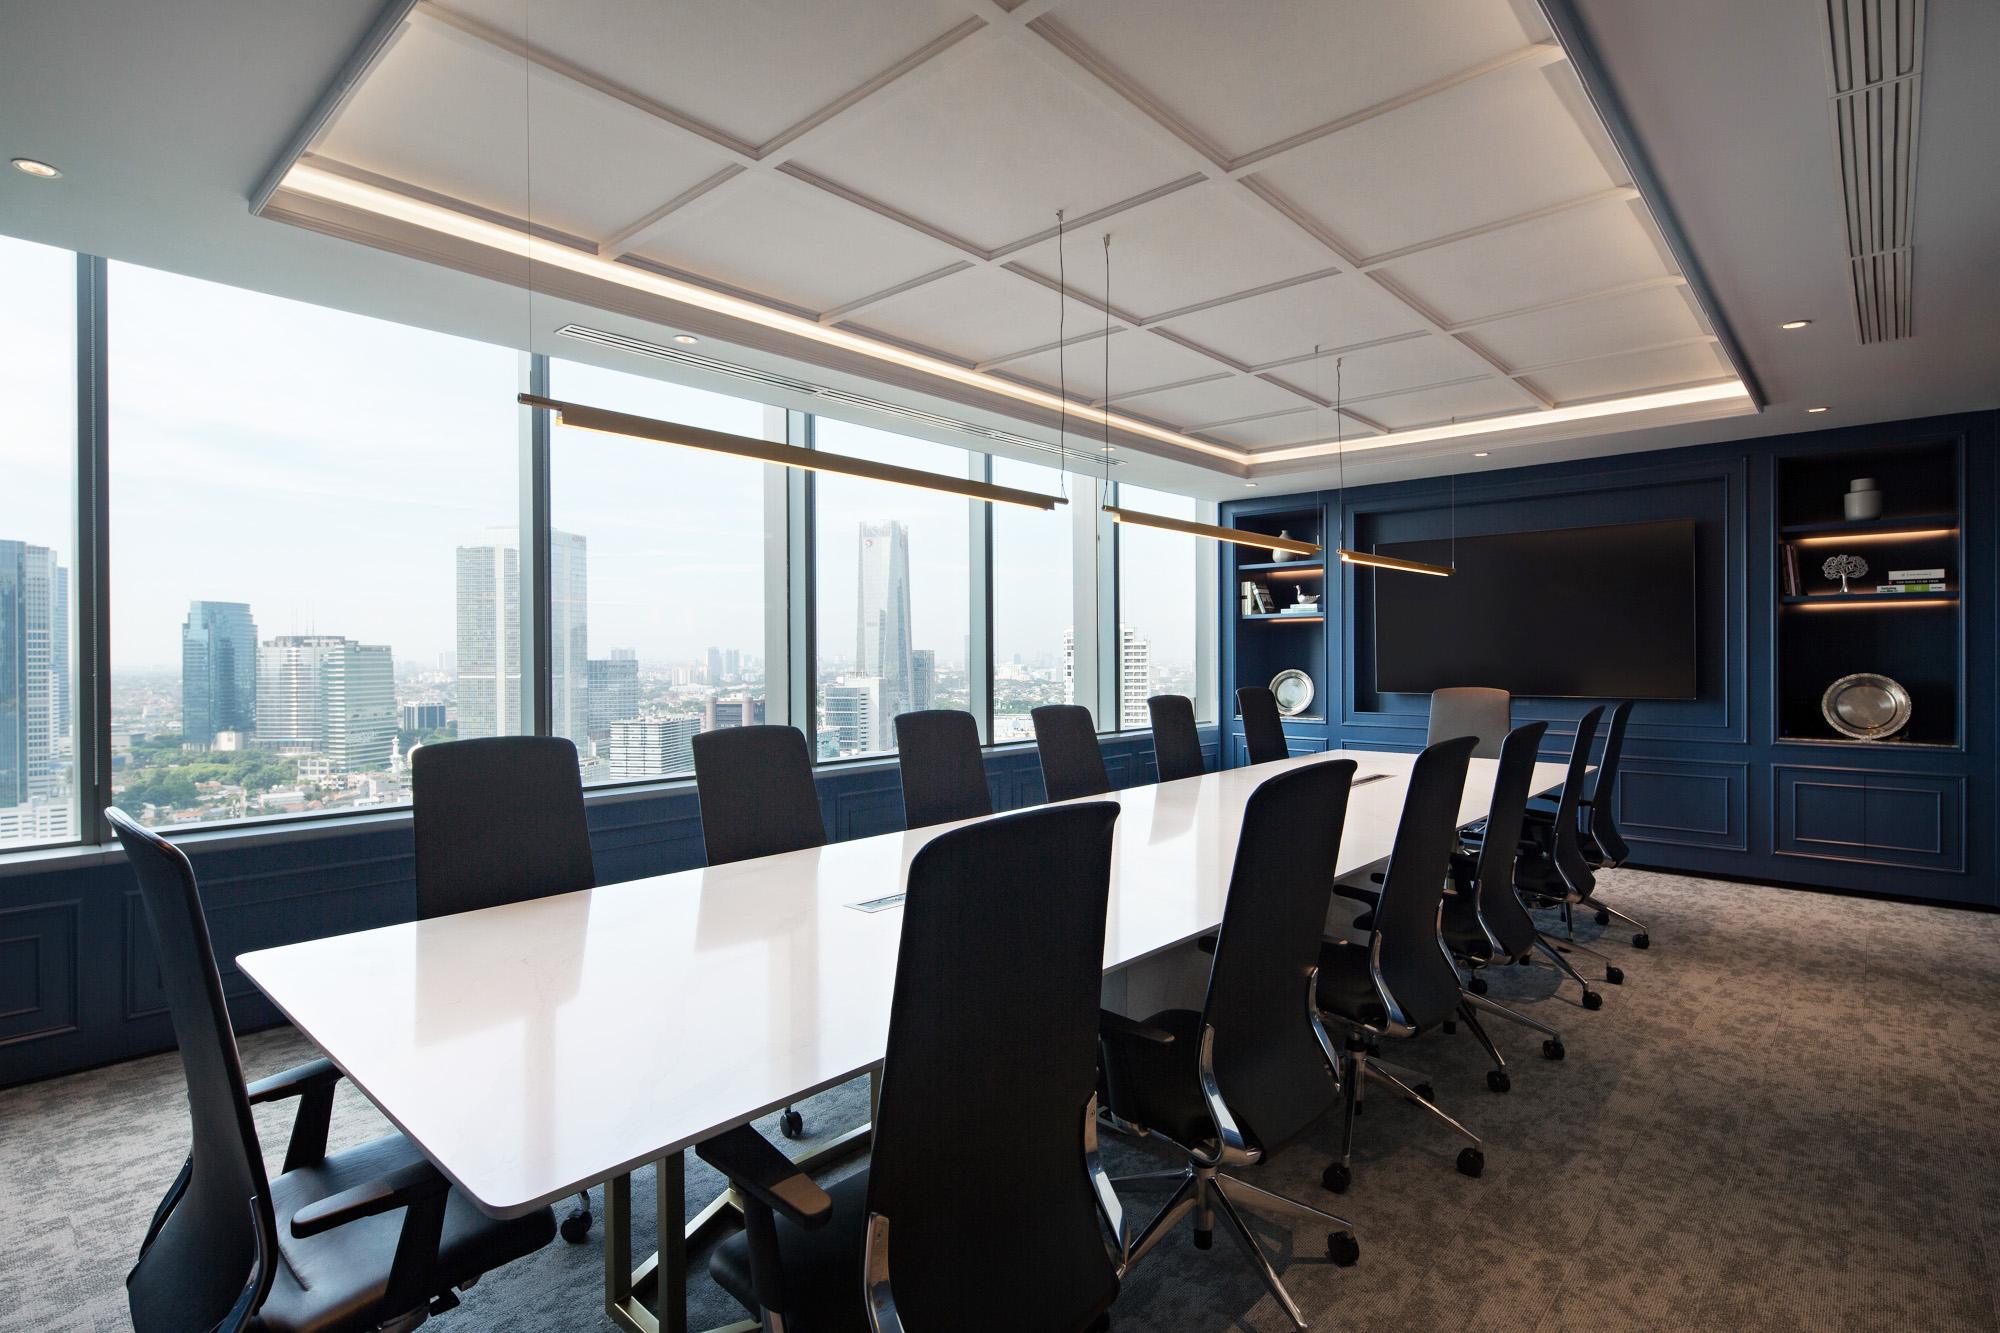 02 ADT Board Room by Studio Piu.jpg